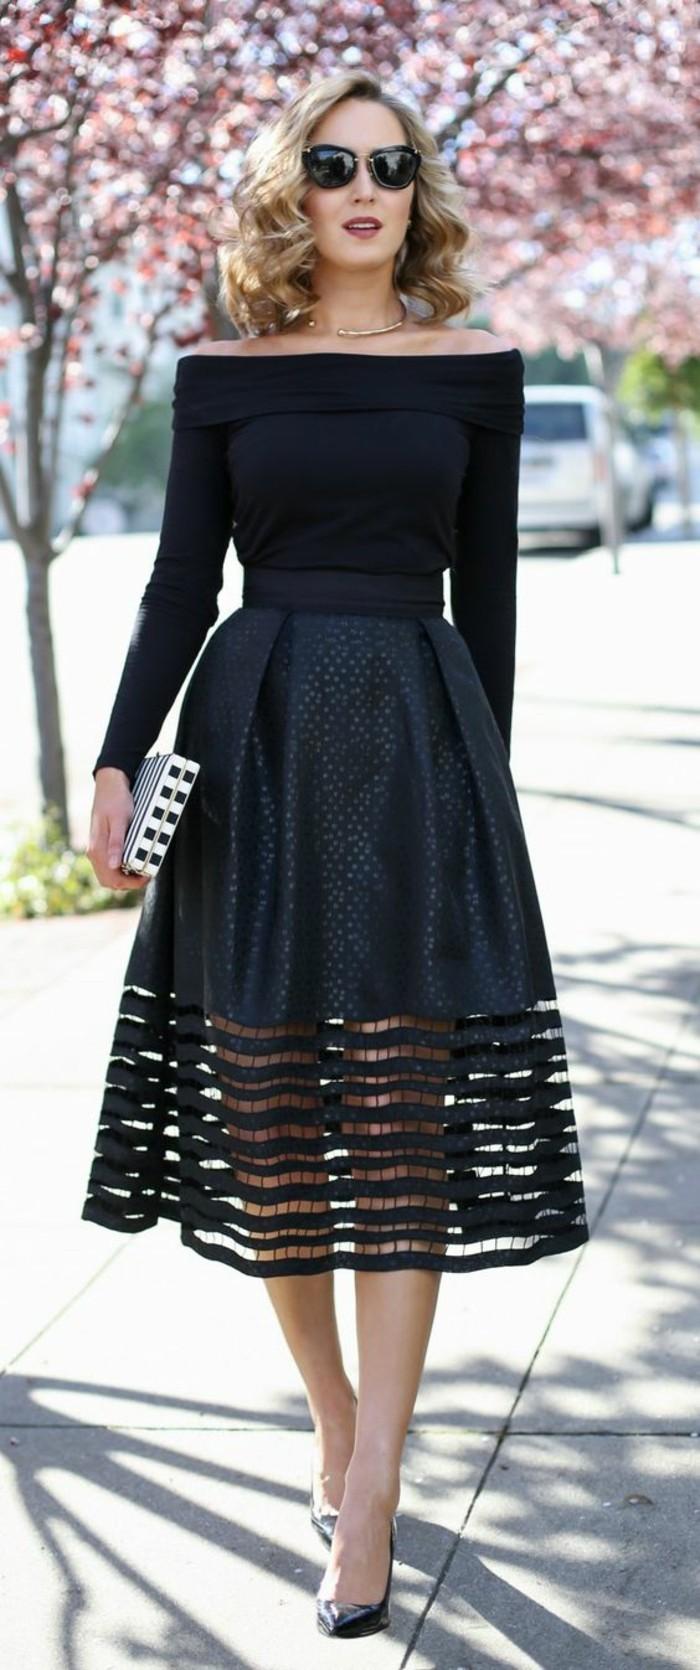 vestito-elegante-colore-bianco-manica-lunga-spalle-scoperte-abbinamento-scarpe-aperte-tacco